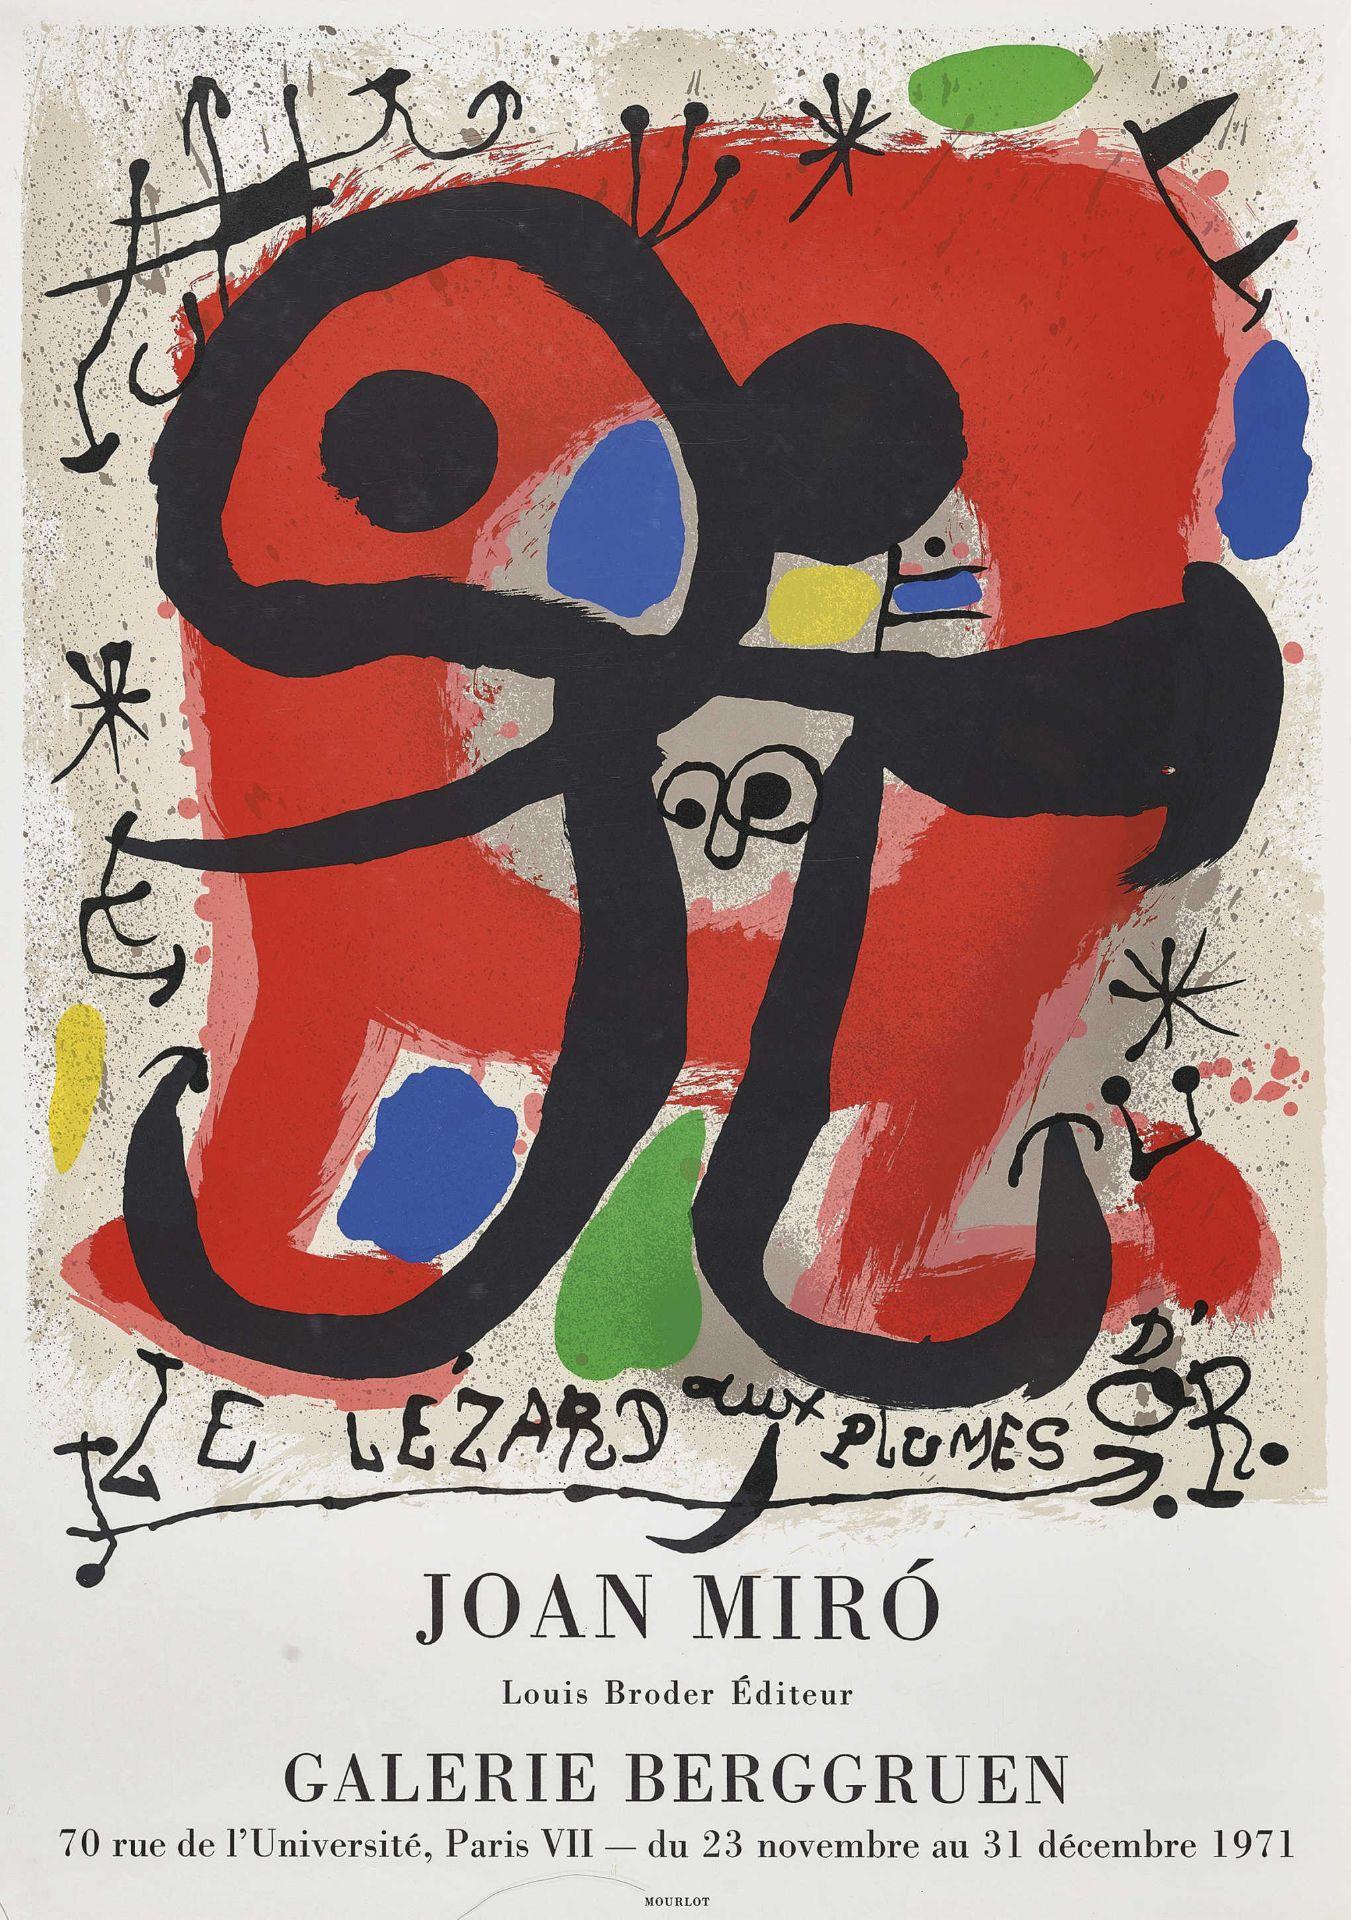 """MIRÓ, JOAN: """"Le Lézard aux Plumes d'Or. Joan Miró Galerie Berggruen, Paris 1971."""""""